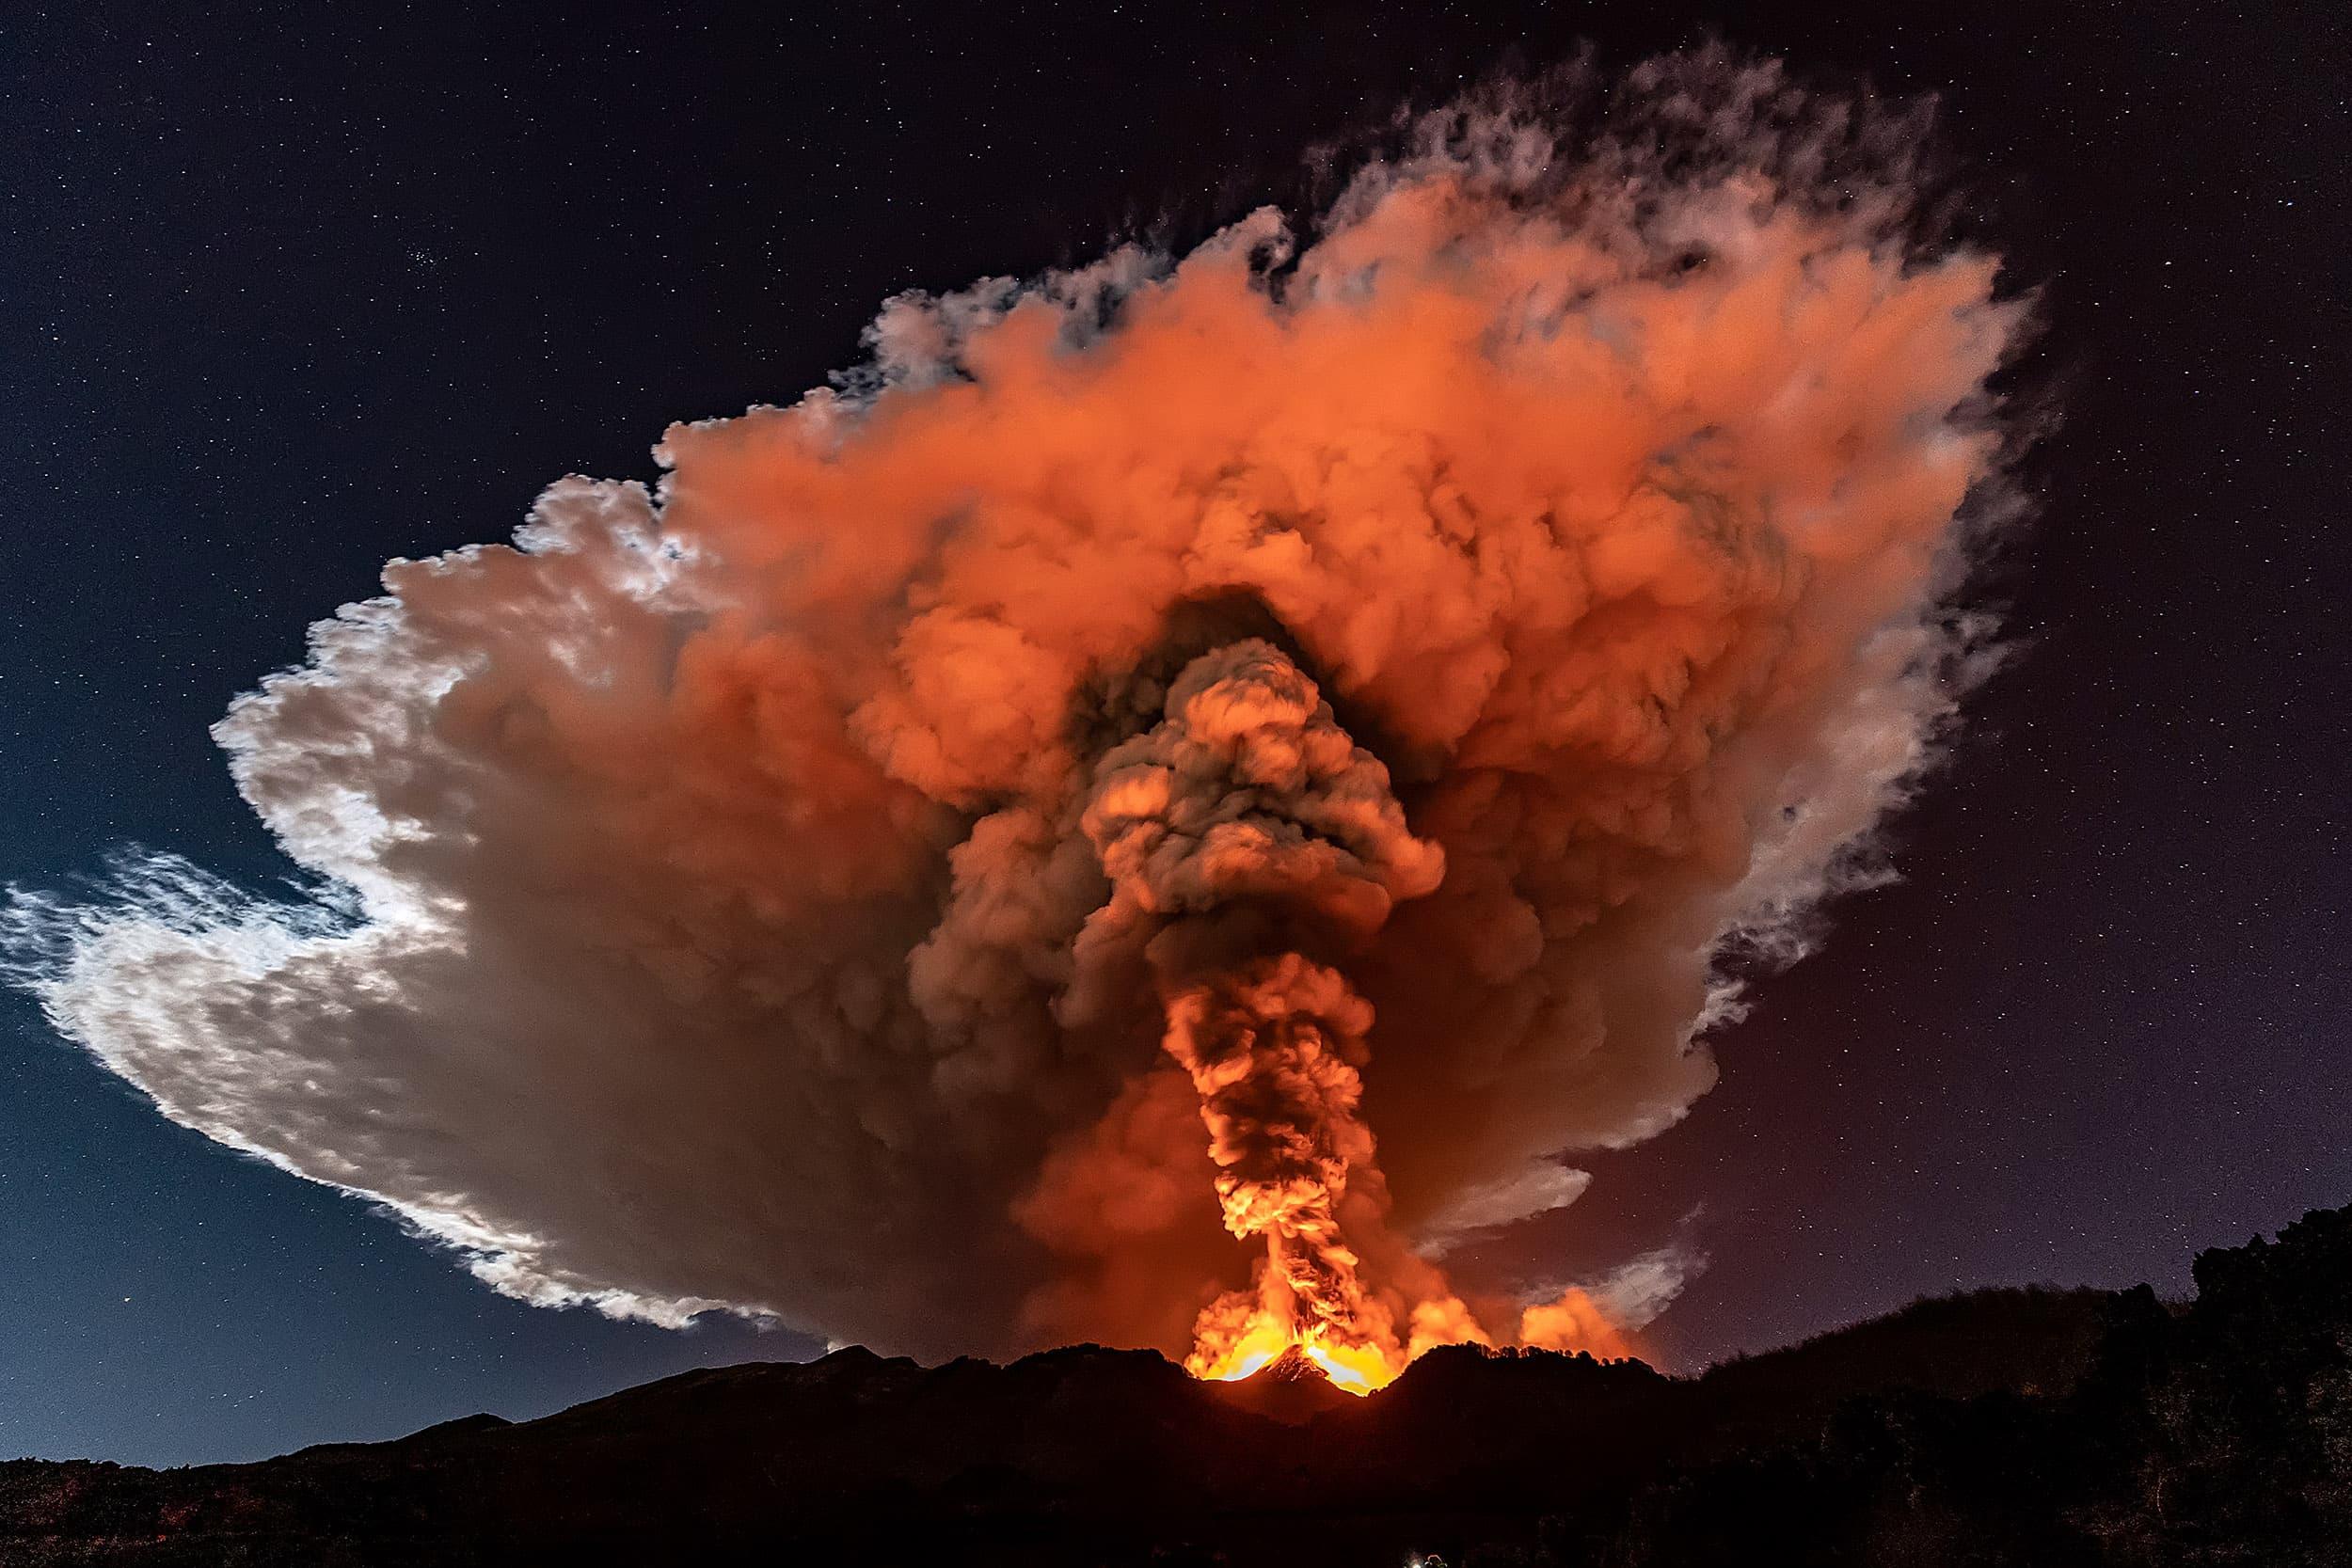 Una nova i violenta erupció de l'Etna, el 23 de febrer. La lava expulsada va arribar a més d'un quilòmetre del volcà. Fotografia de Marco Restivo. Barcroft Media. Getty Images.